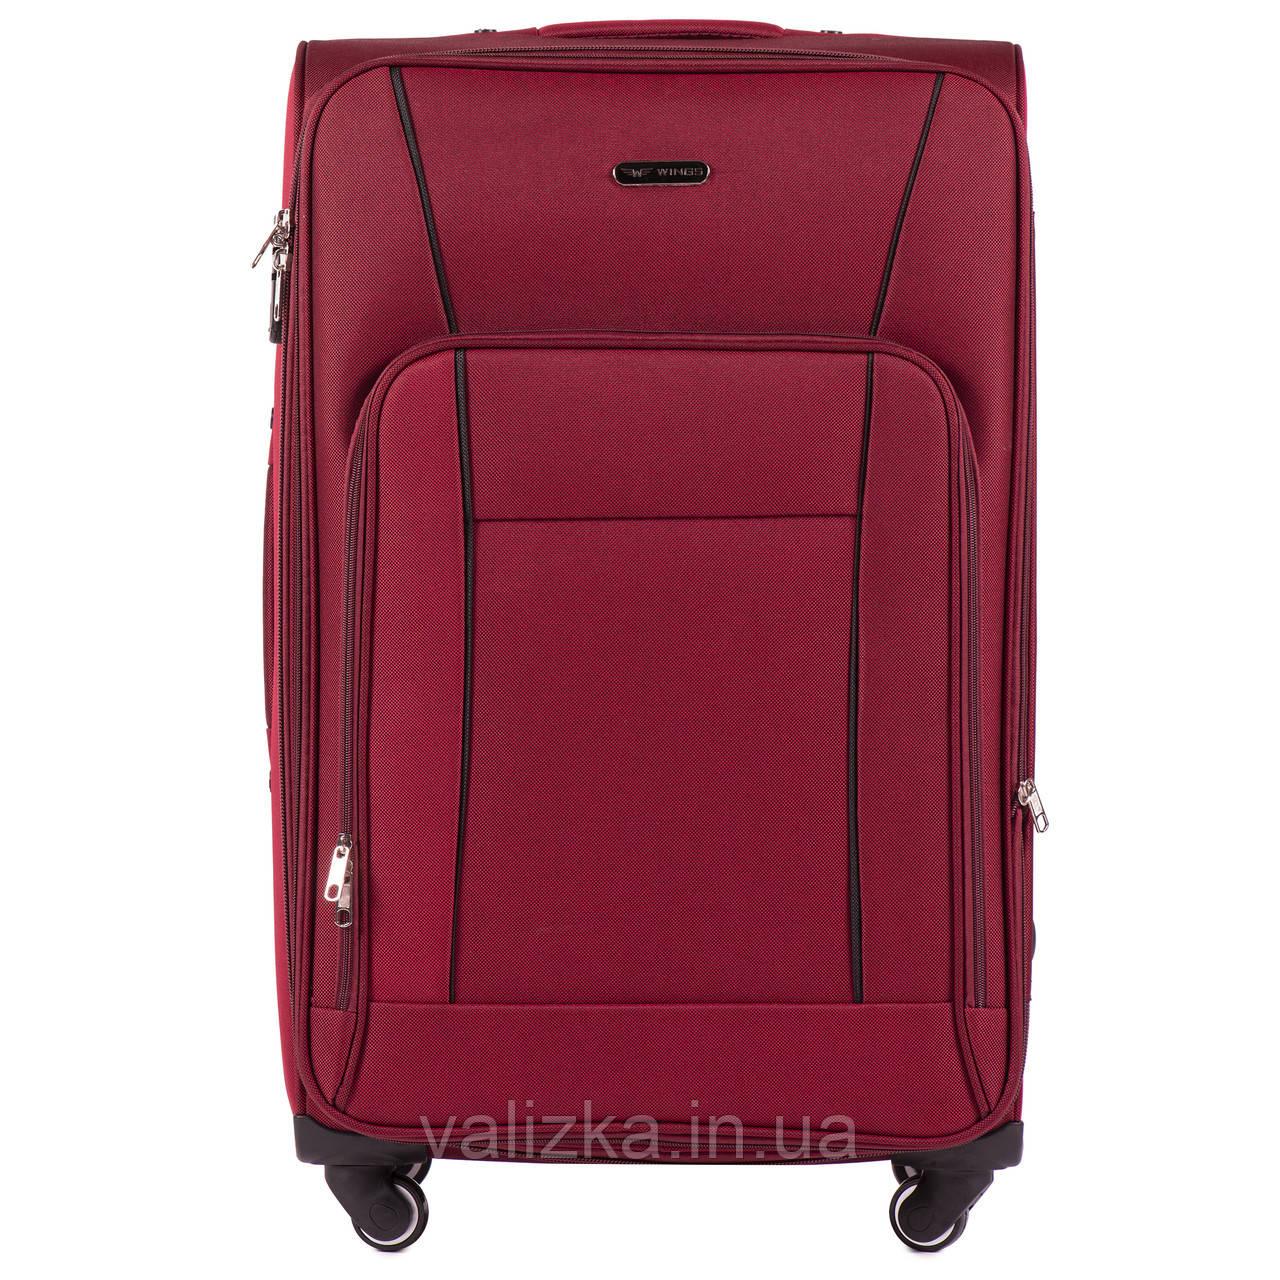 Большой тканевый чемодан красный на 4-х колесах Wings 1609